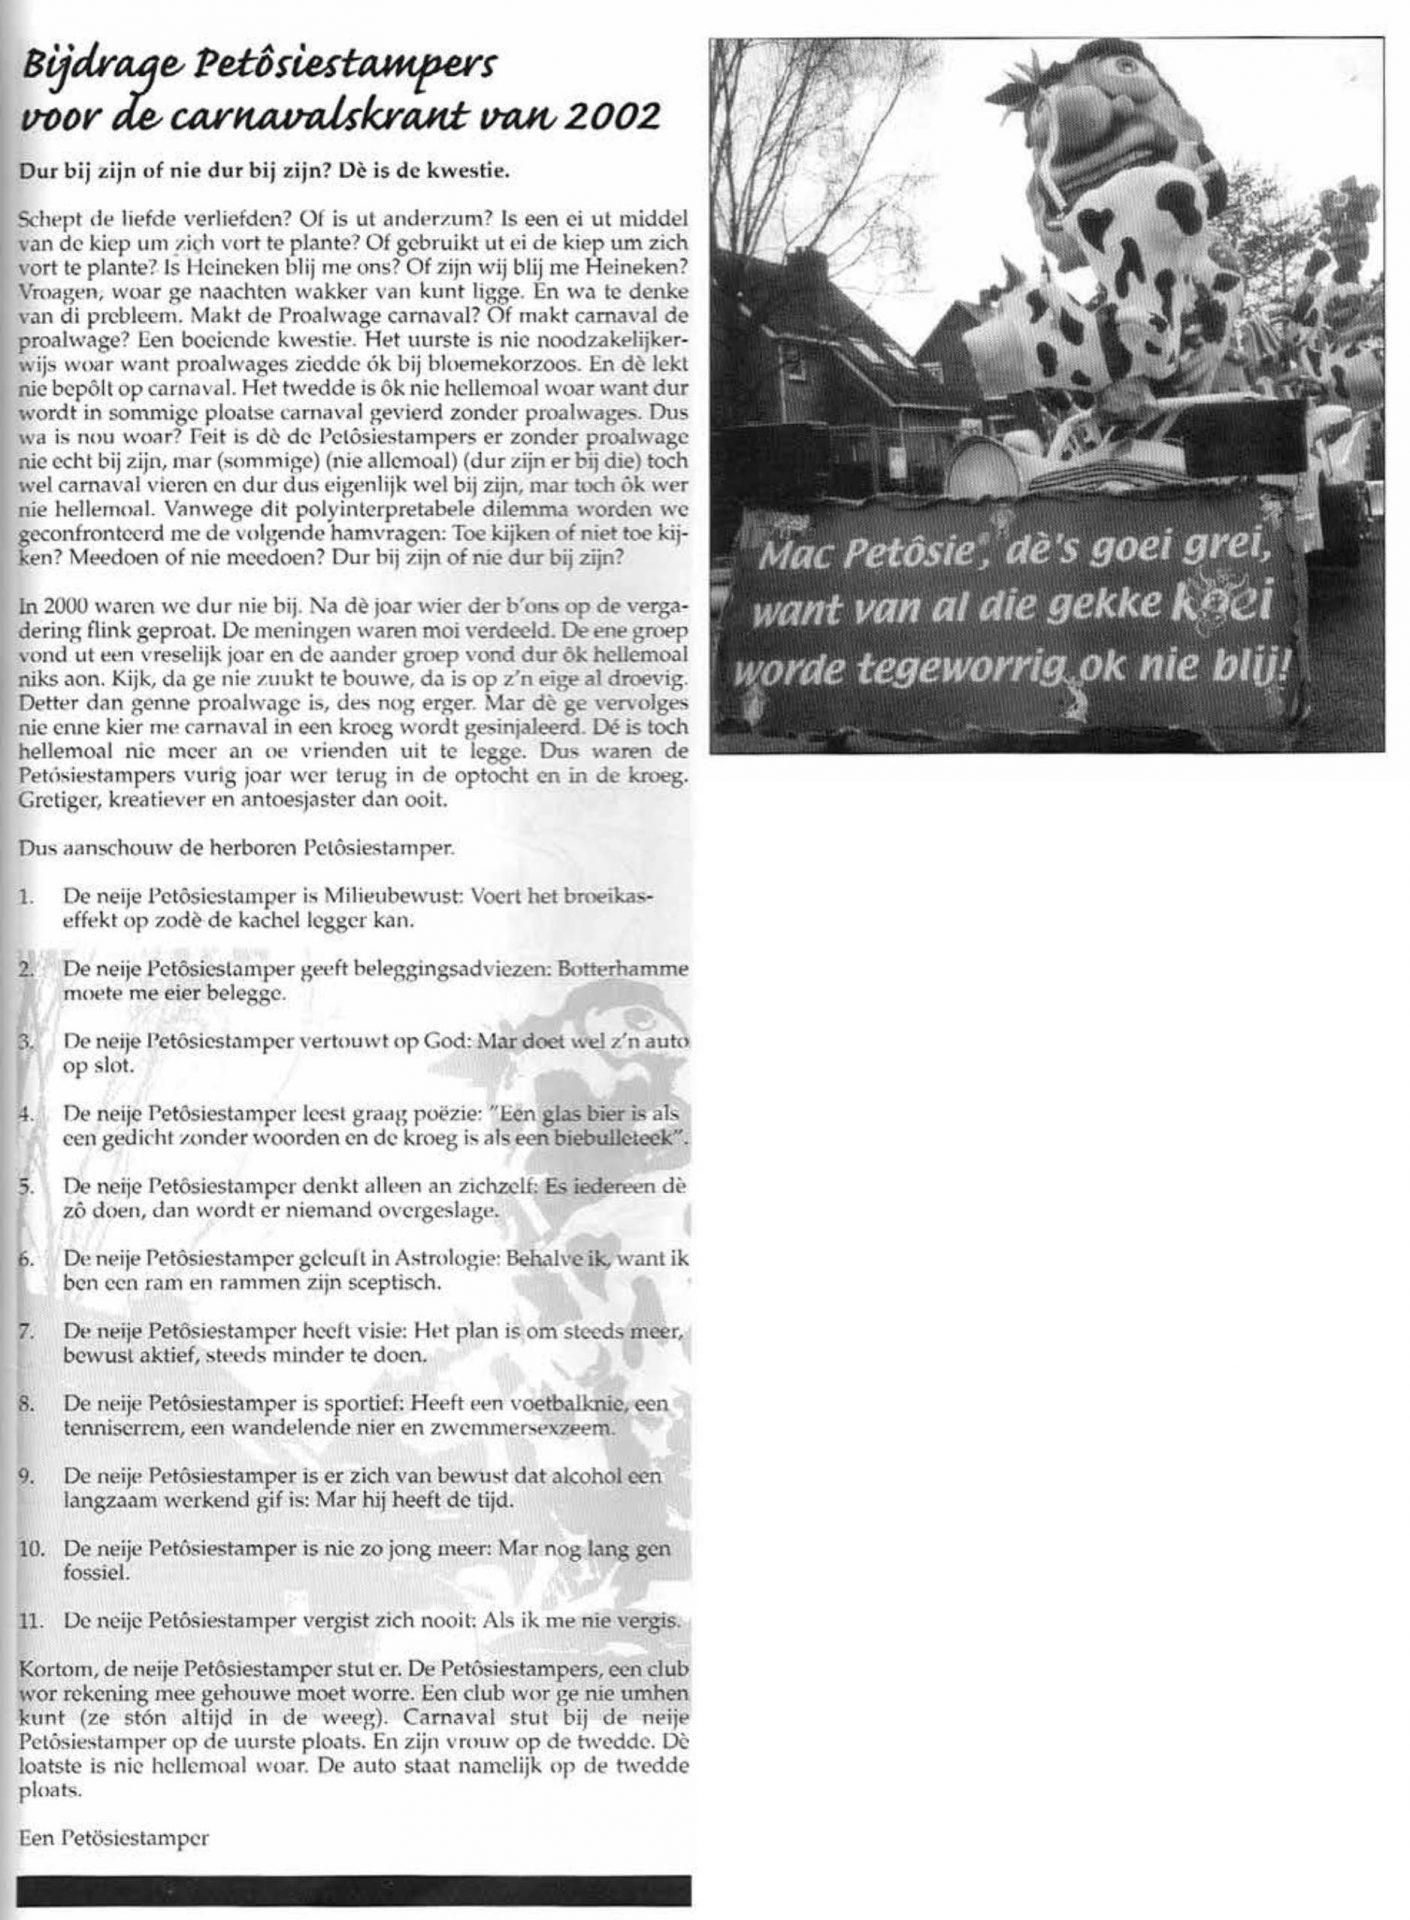 Stukje uit de carnavalskrant van de Petôsiestampers - 2002